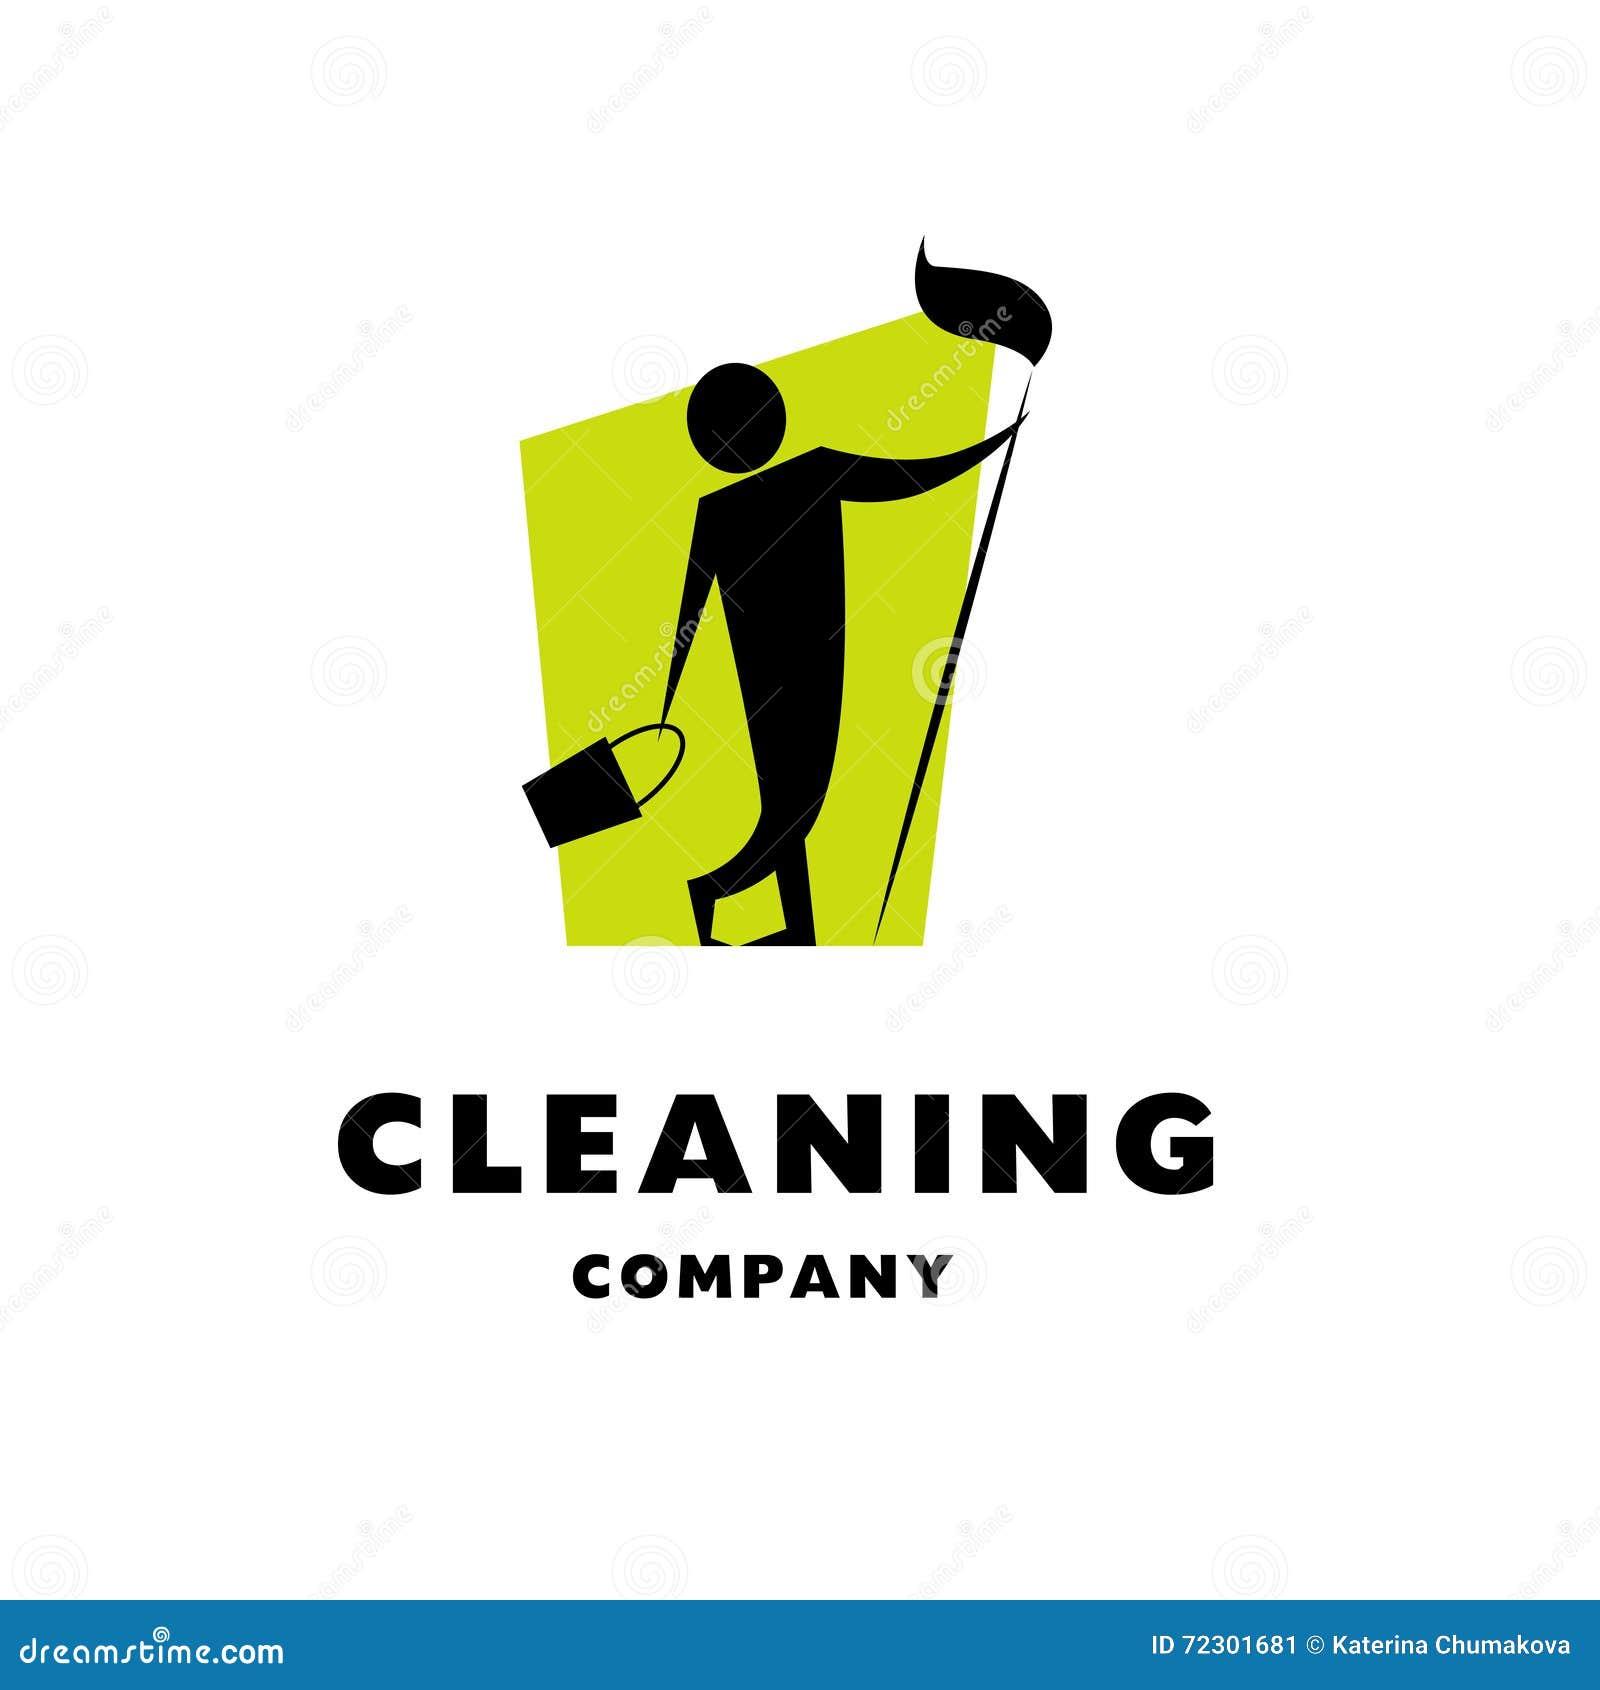 CleaningCompanyLogosBackToHomepageHowCreatingA